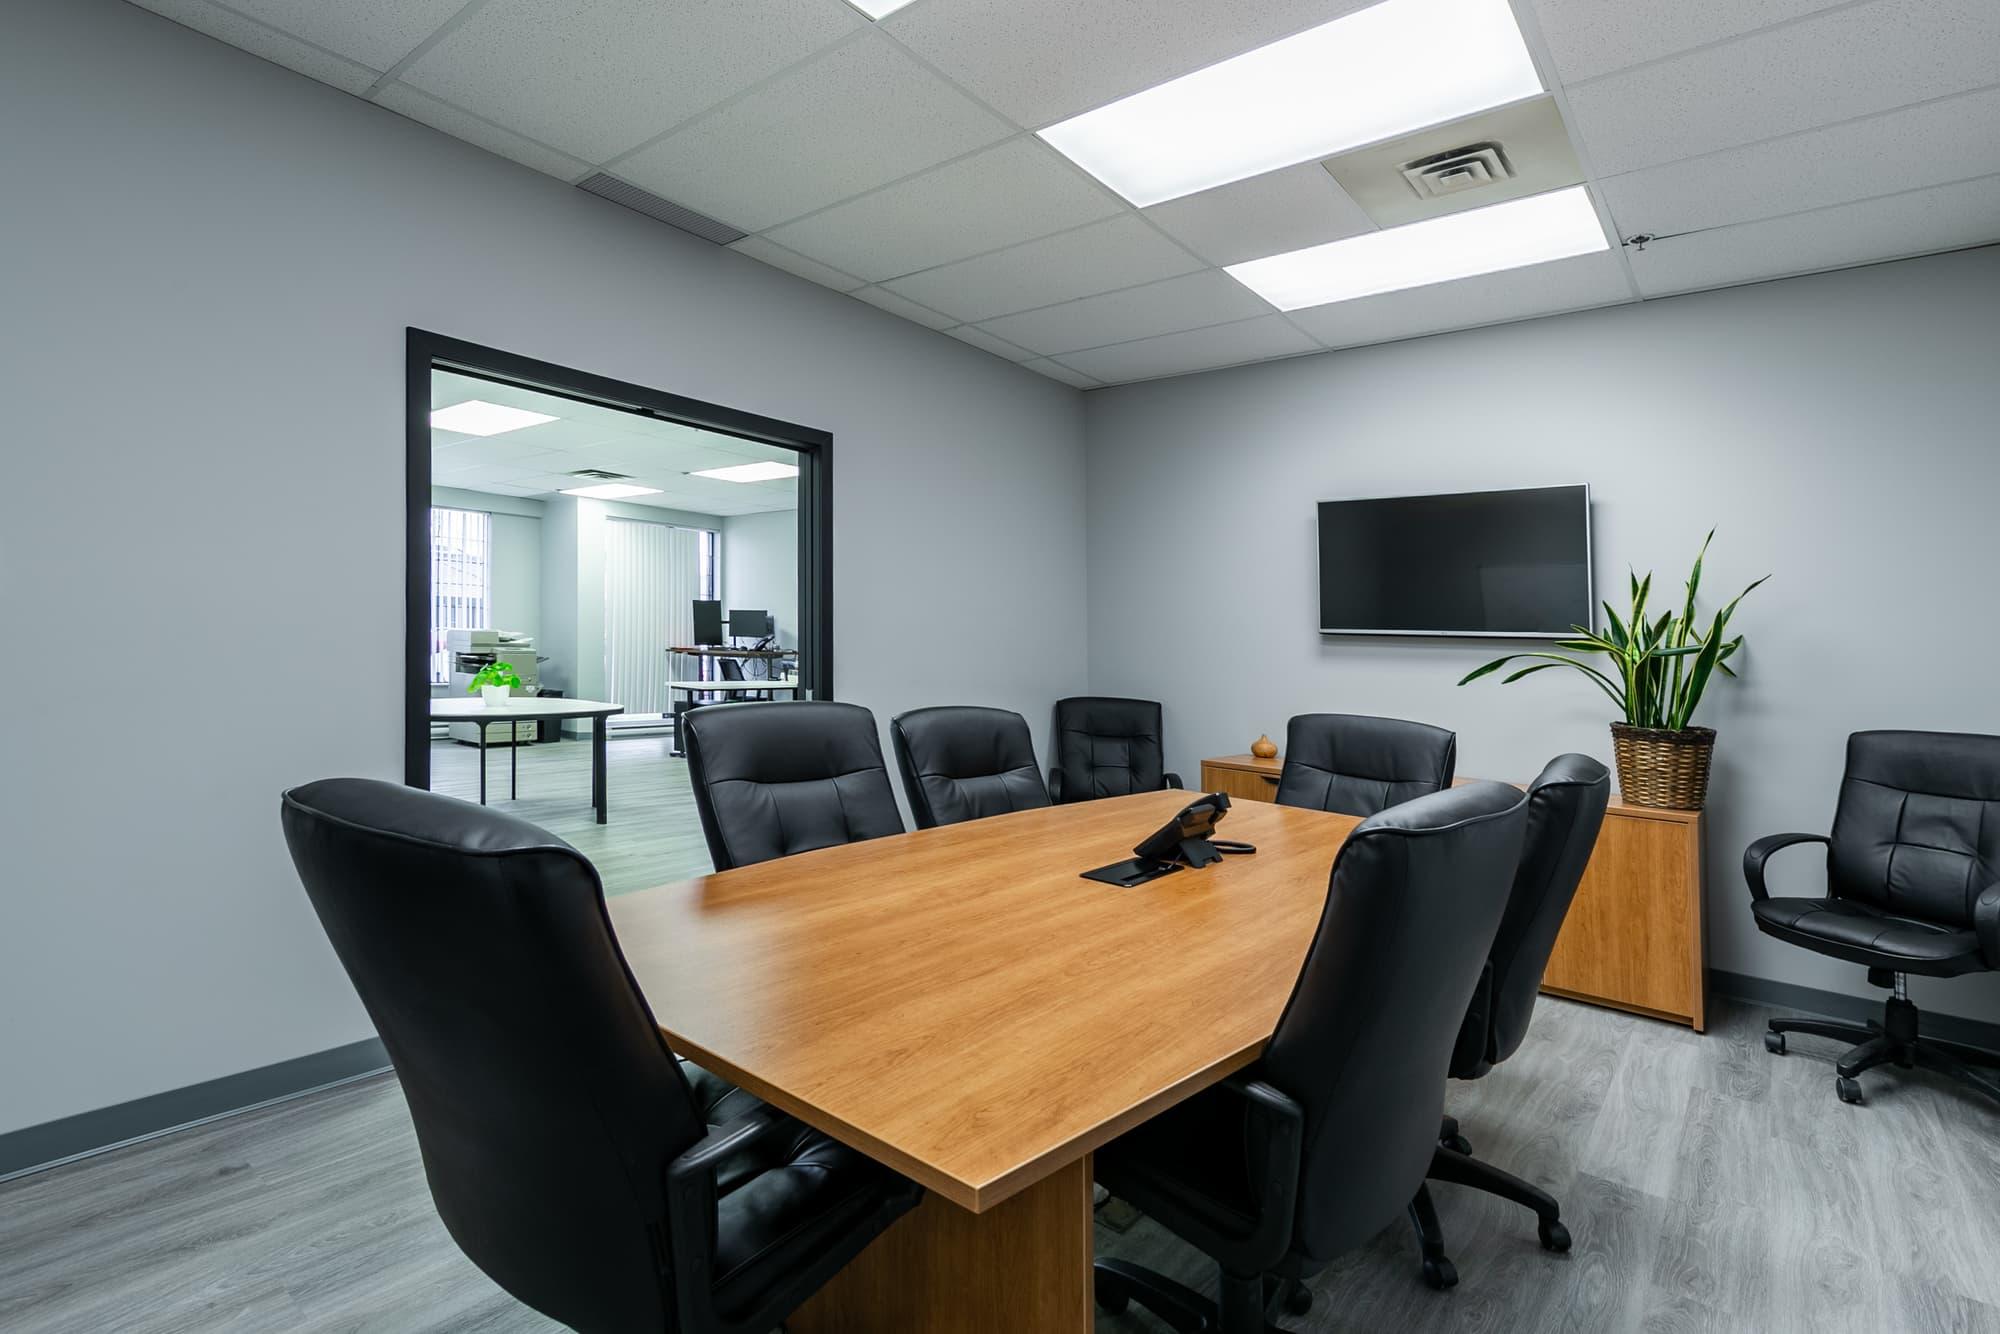 salle de réunion avec table en bois et chaises en cuir